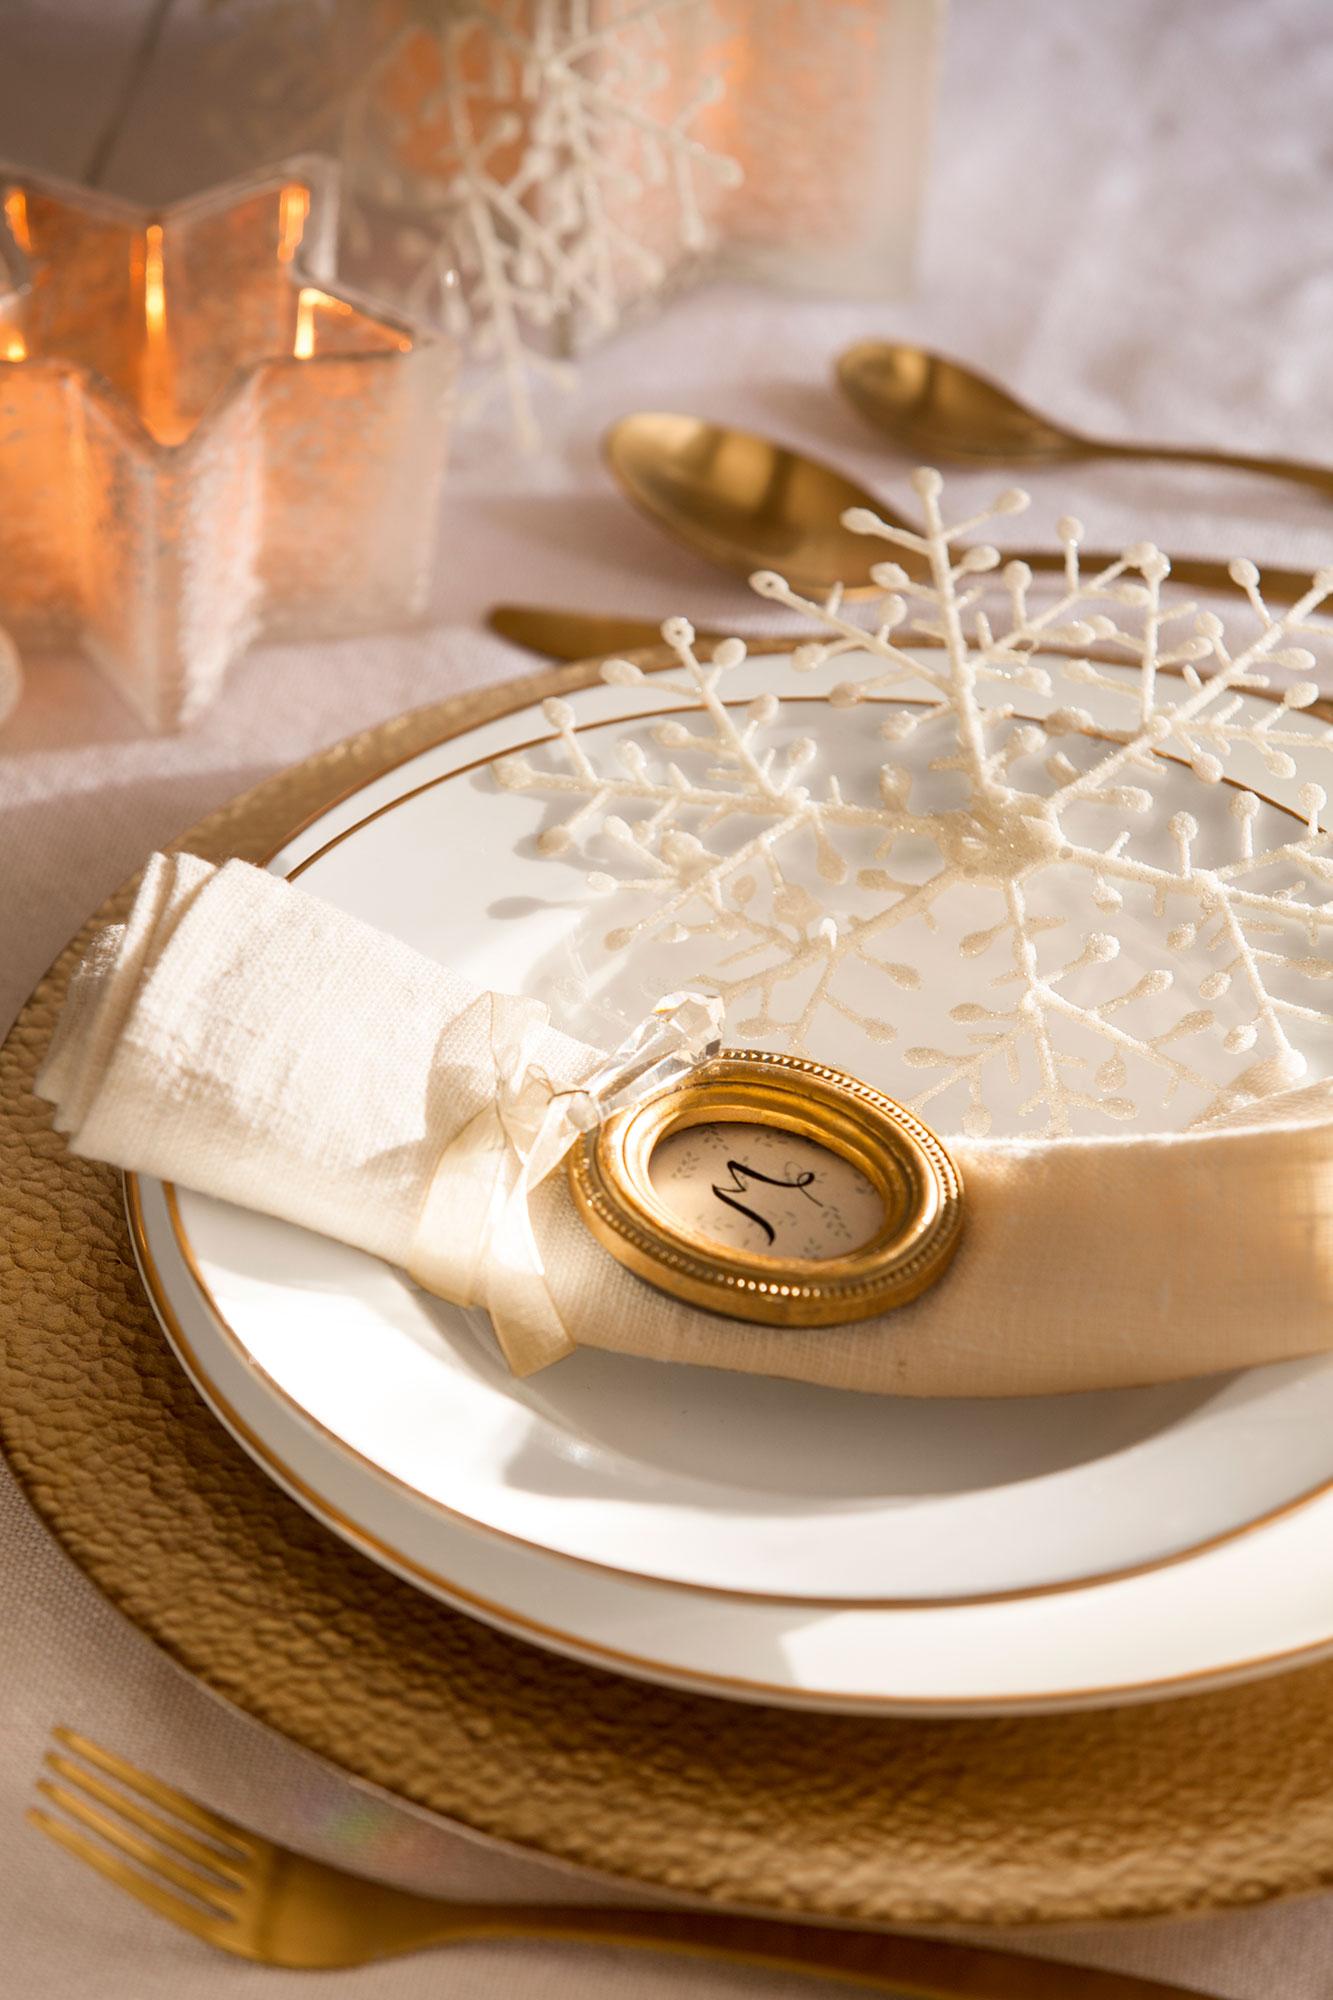 Detalle de broche dorado con la inicial del comensal a modo de servilletero. Mesa decorada de Navidad